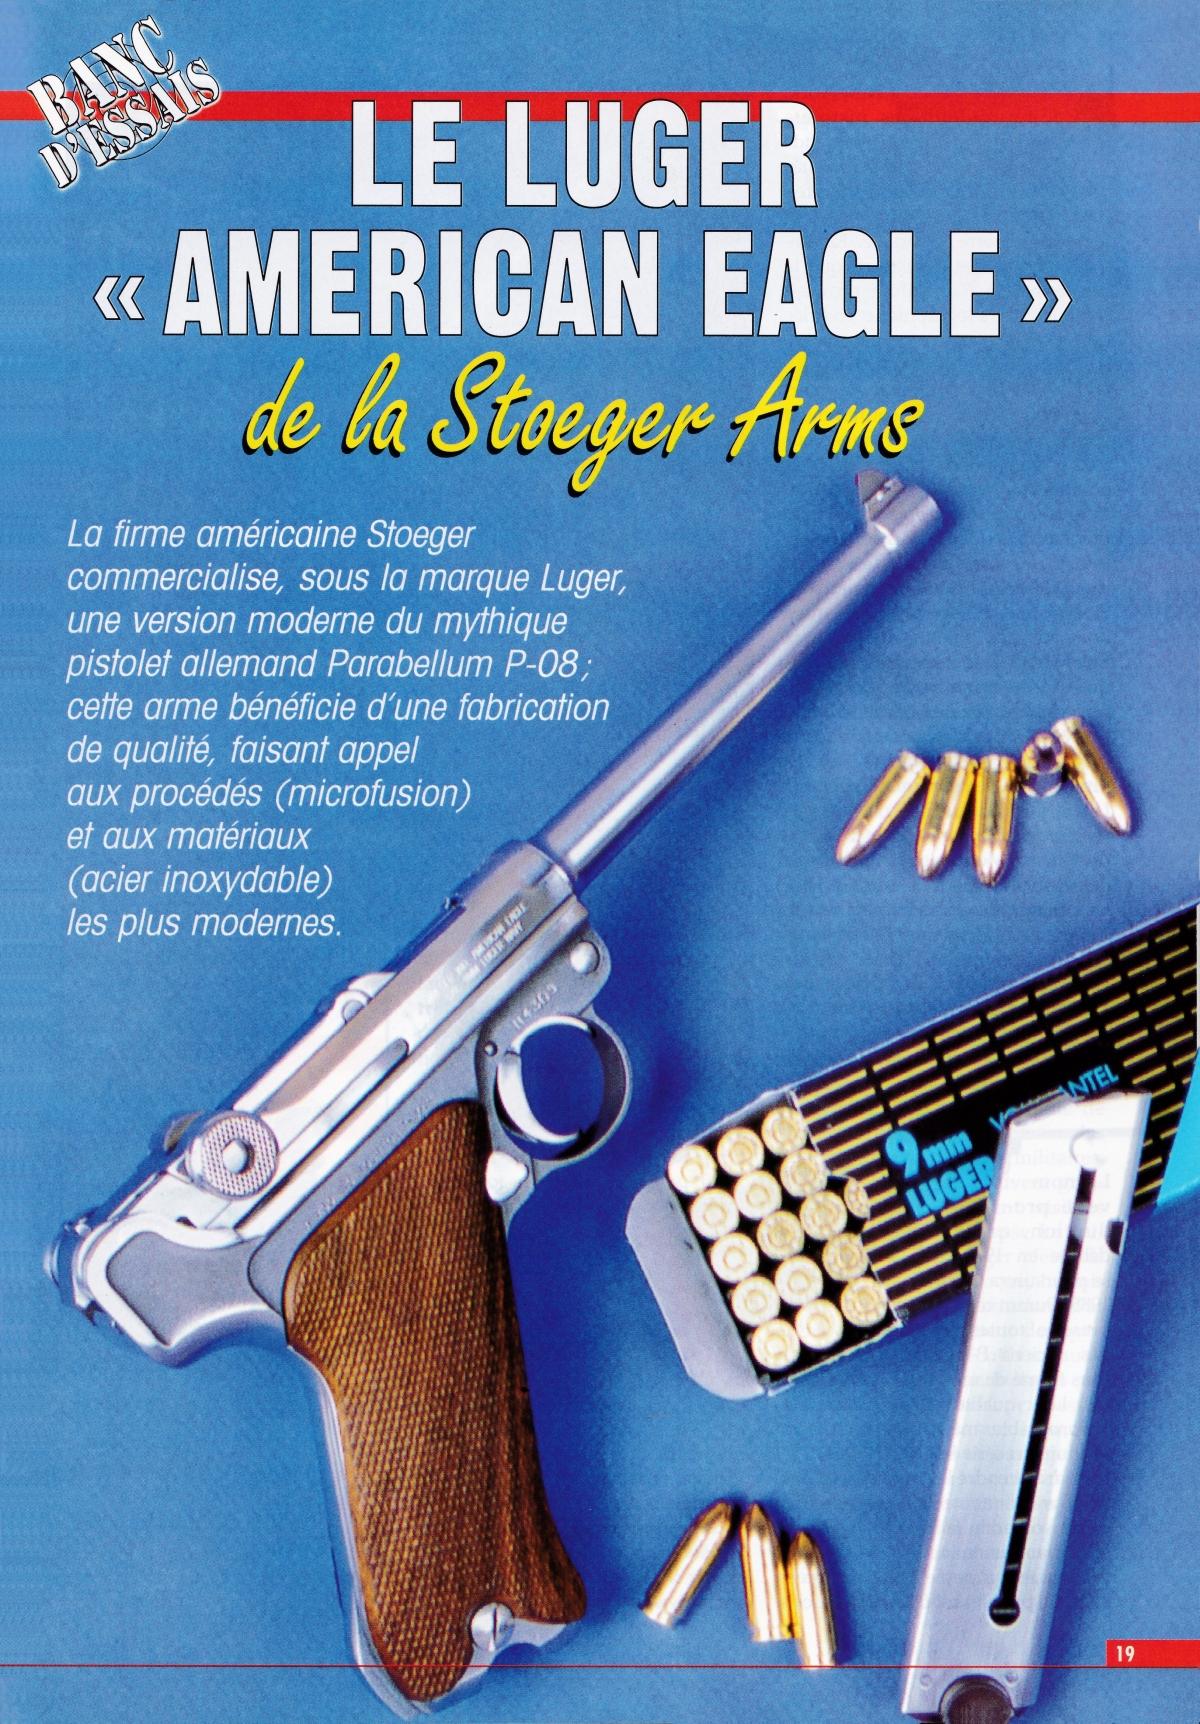 """Le Luger """"American Eagle"""" de la firme américaine Stoeger, accompagné par des cartouches allemandes Geco à balle 124 grains Full Metal Jacket."""